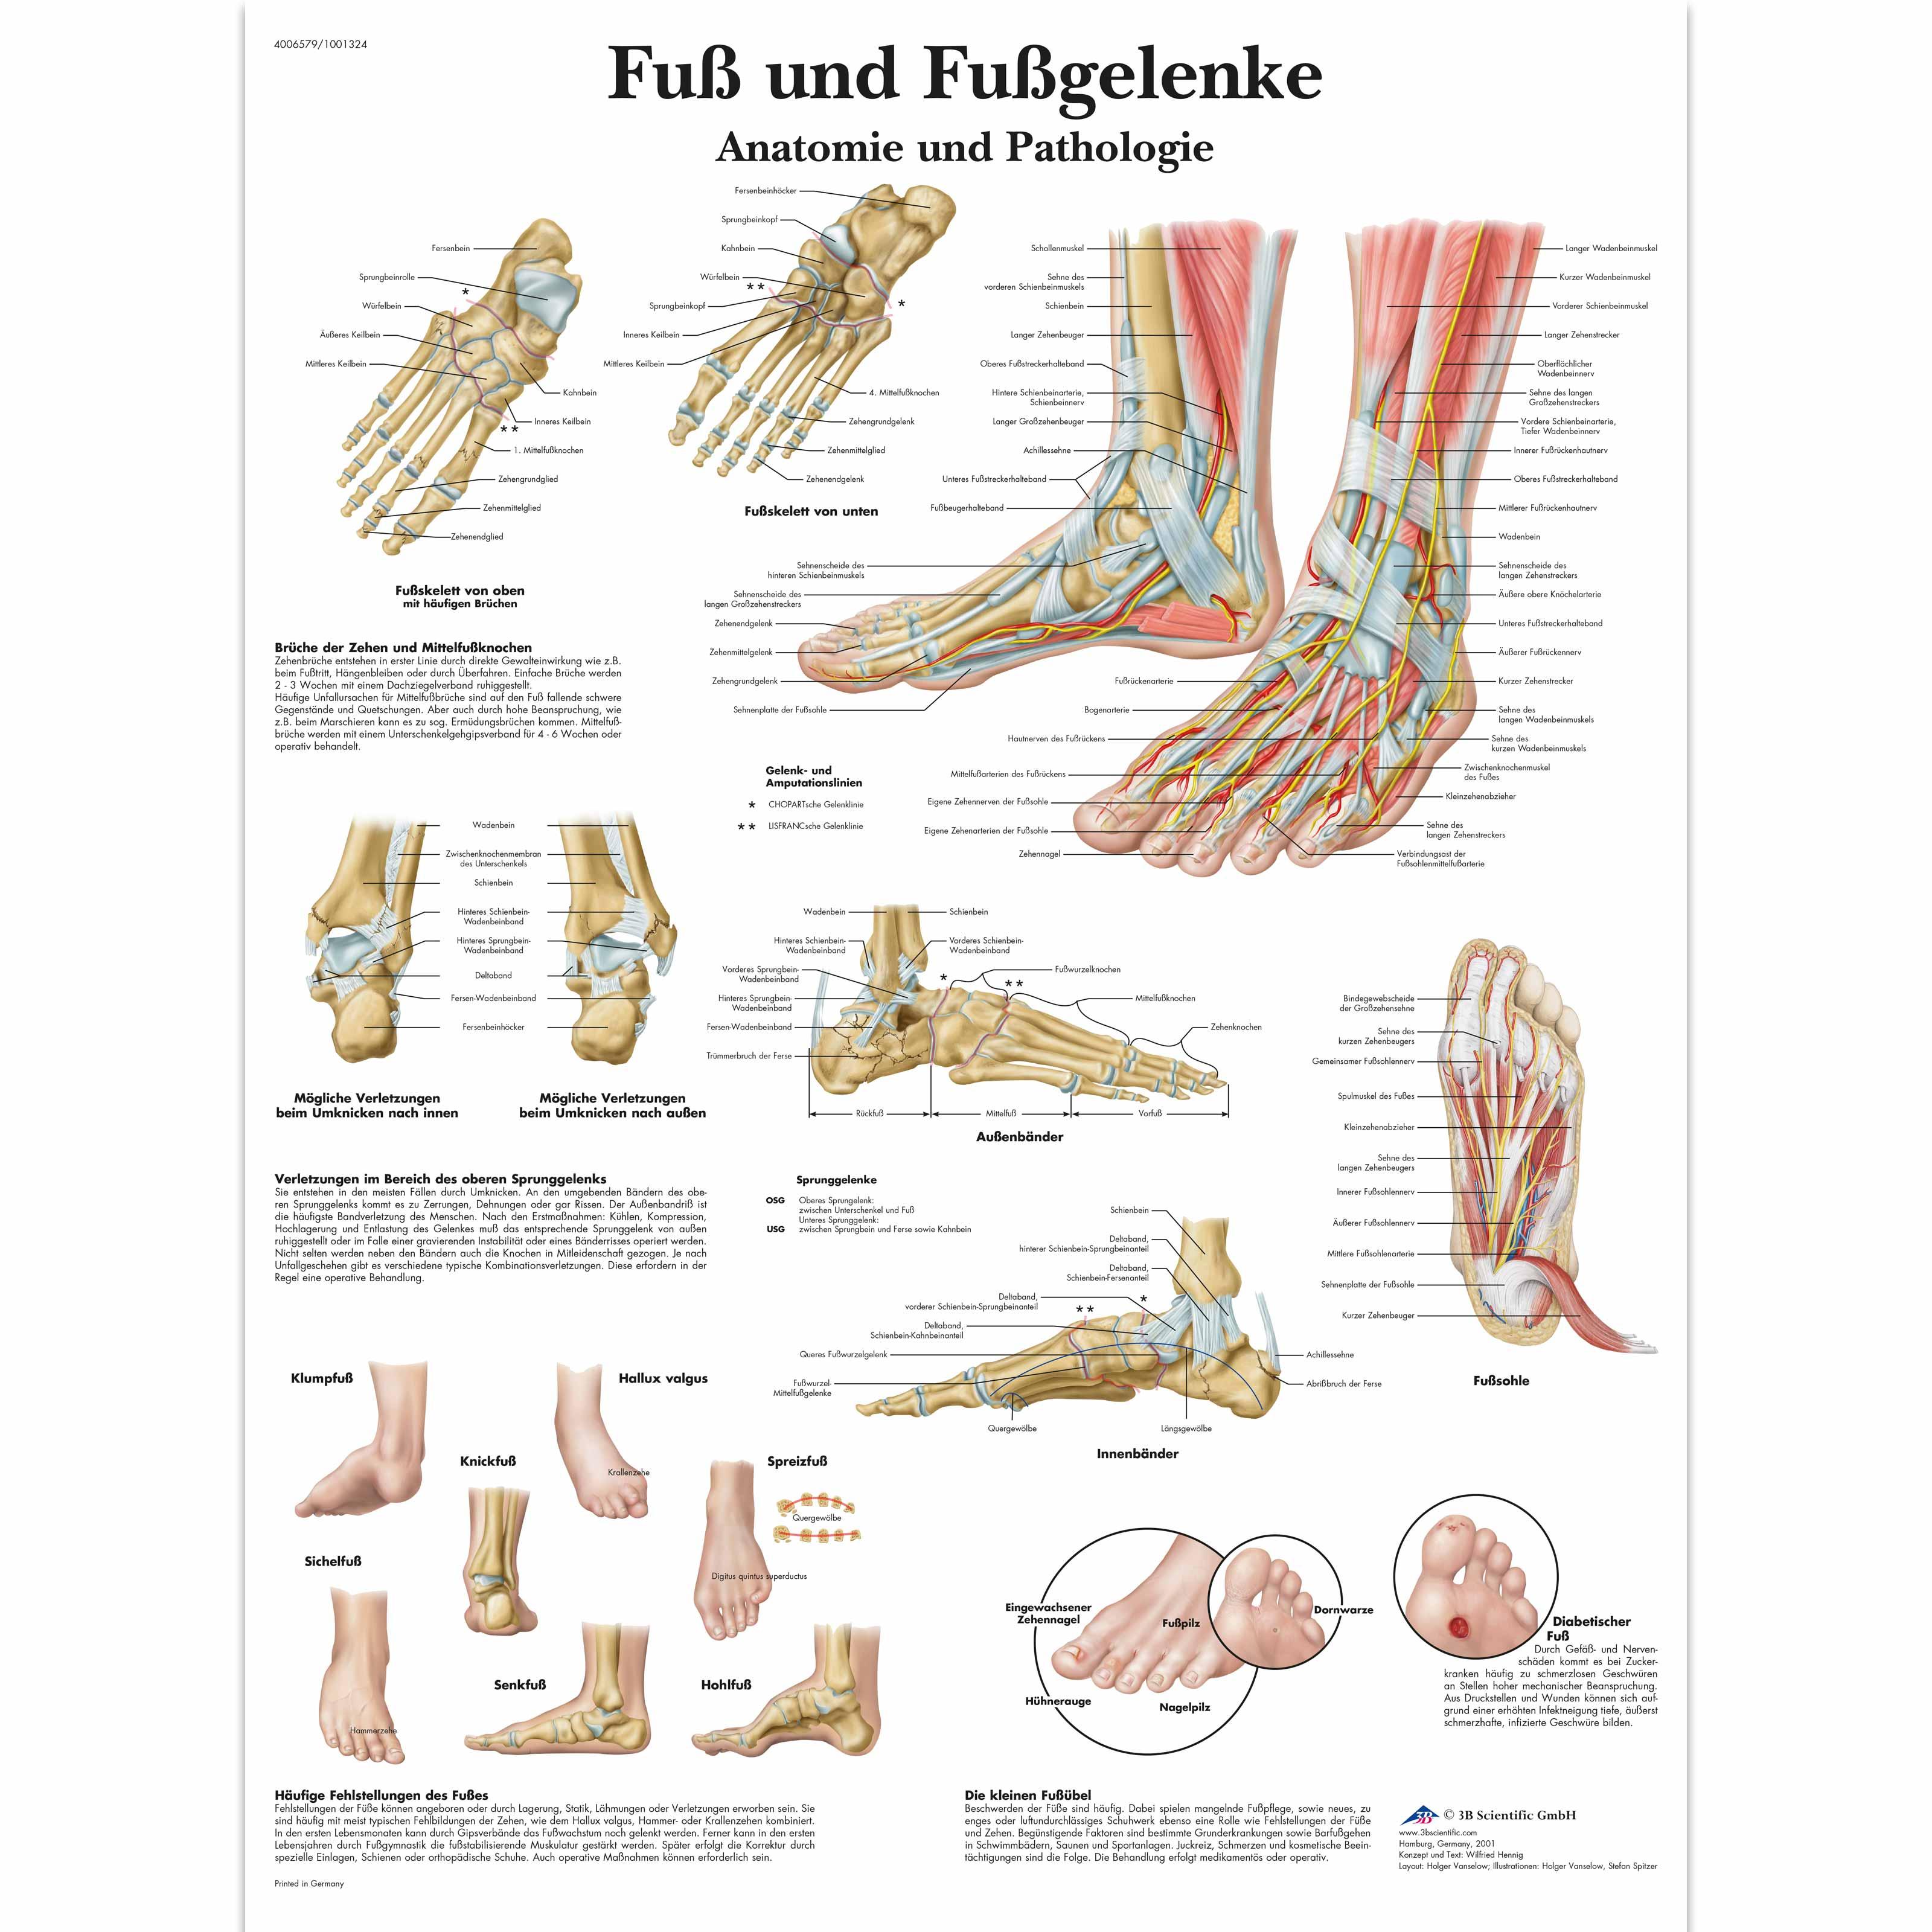 Lehrtafel - Fuß und Fußgelenke - Anatomie und Pathologie - 4006579 ...